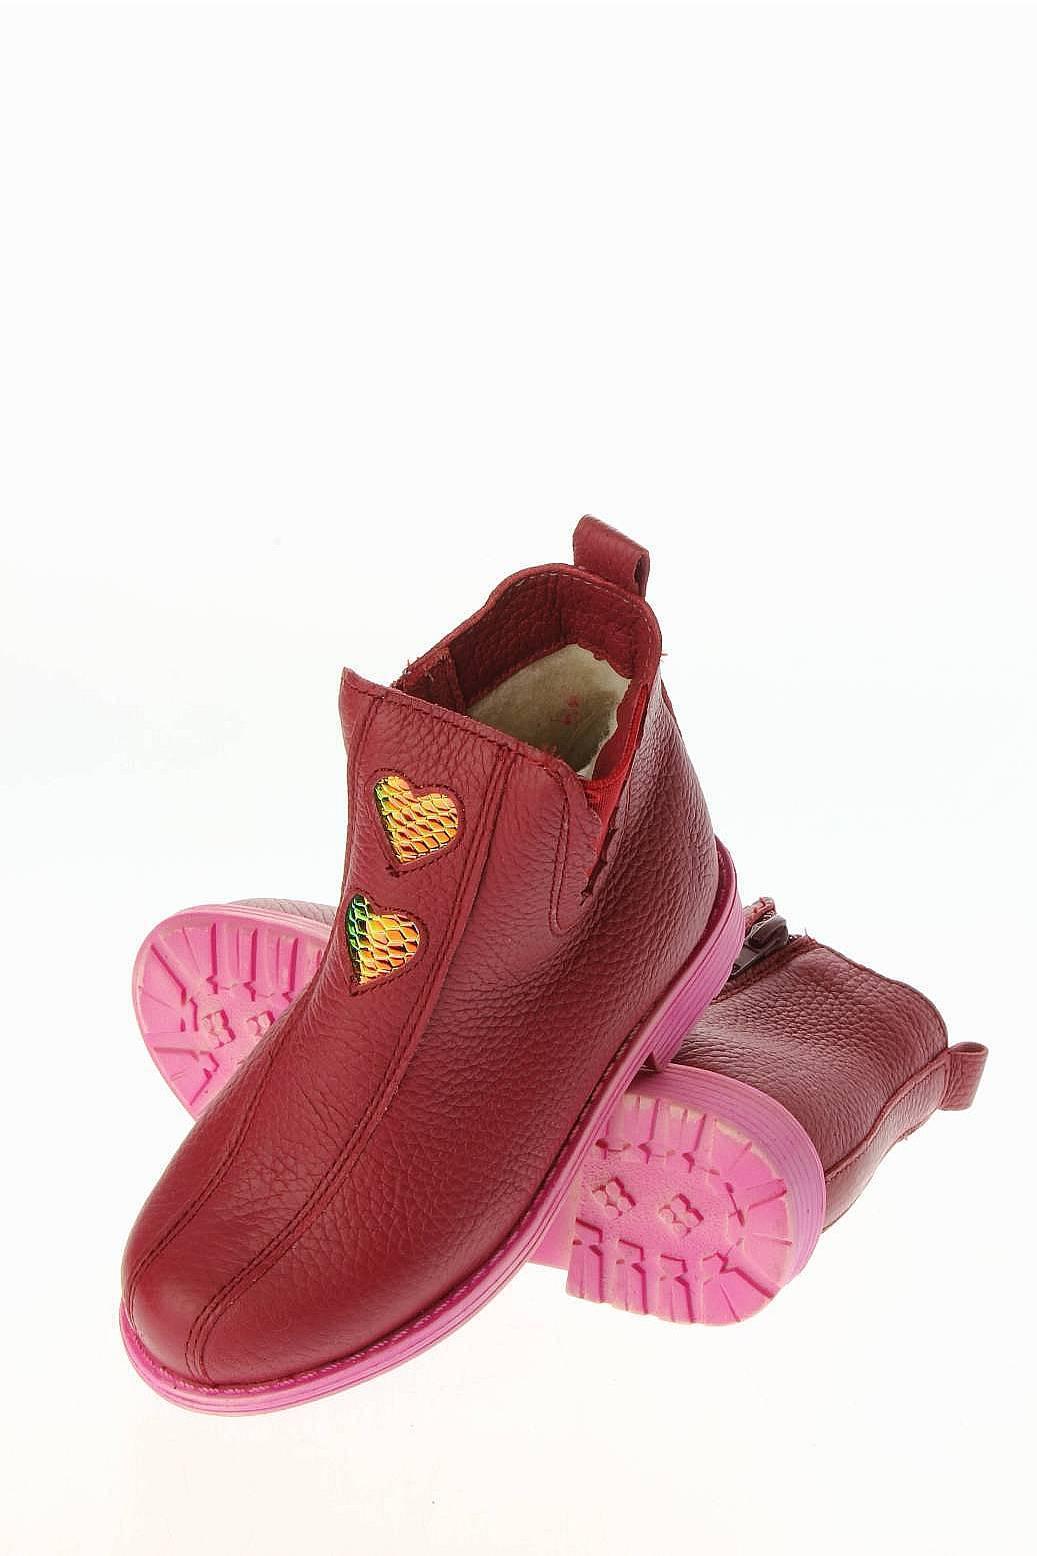 Мужская Обувь Детская Обувь Ботинки, Ботильоны: Фома Обувь